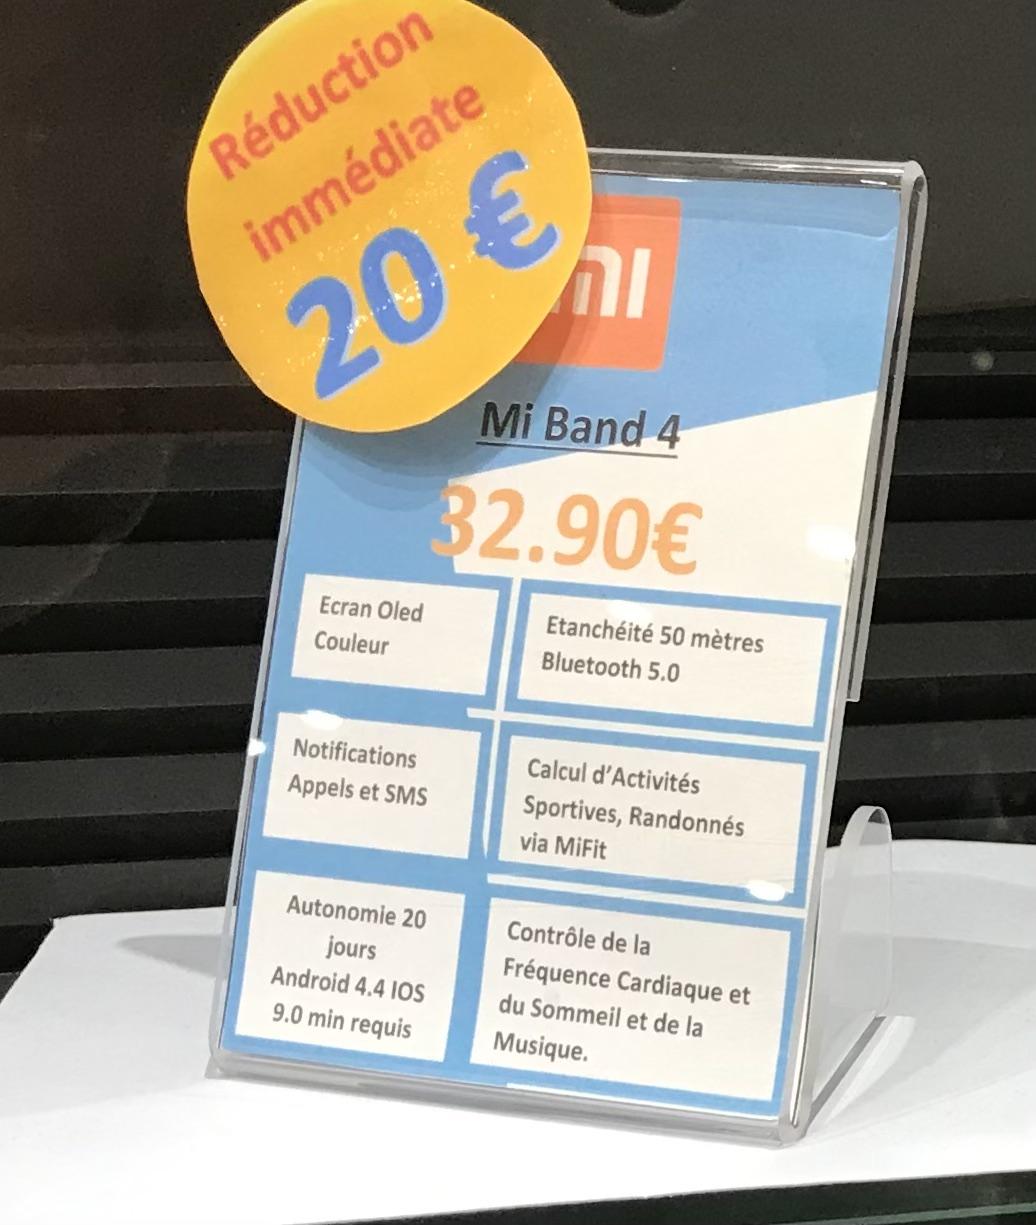 Bracelet connecté Xiaomi Mi Band 4 - Clermont-Ferrand le Brezet (63)